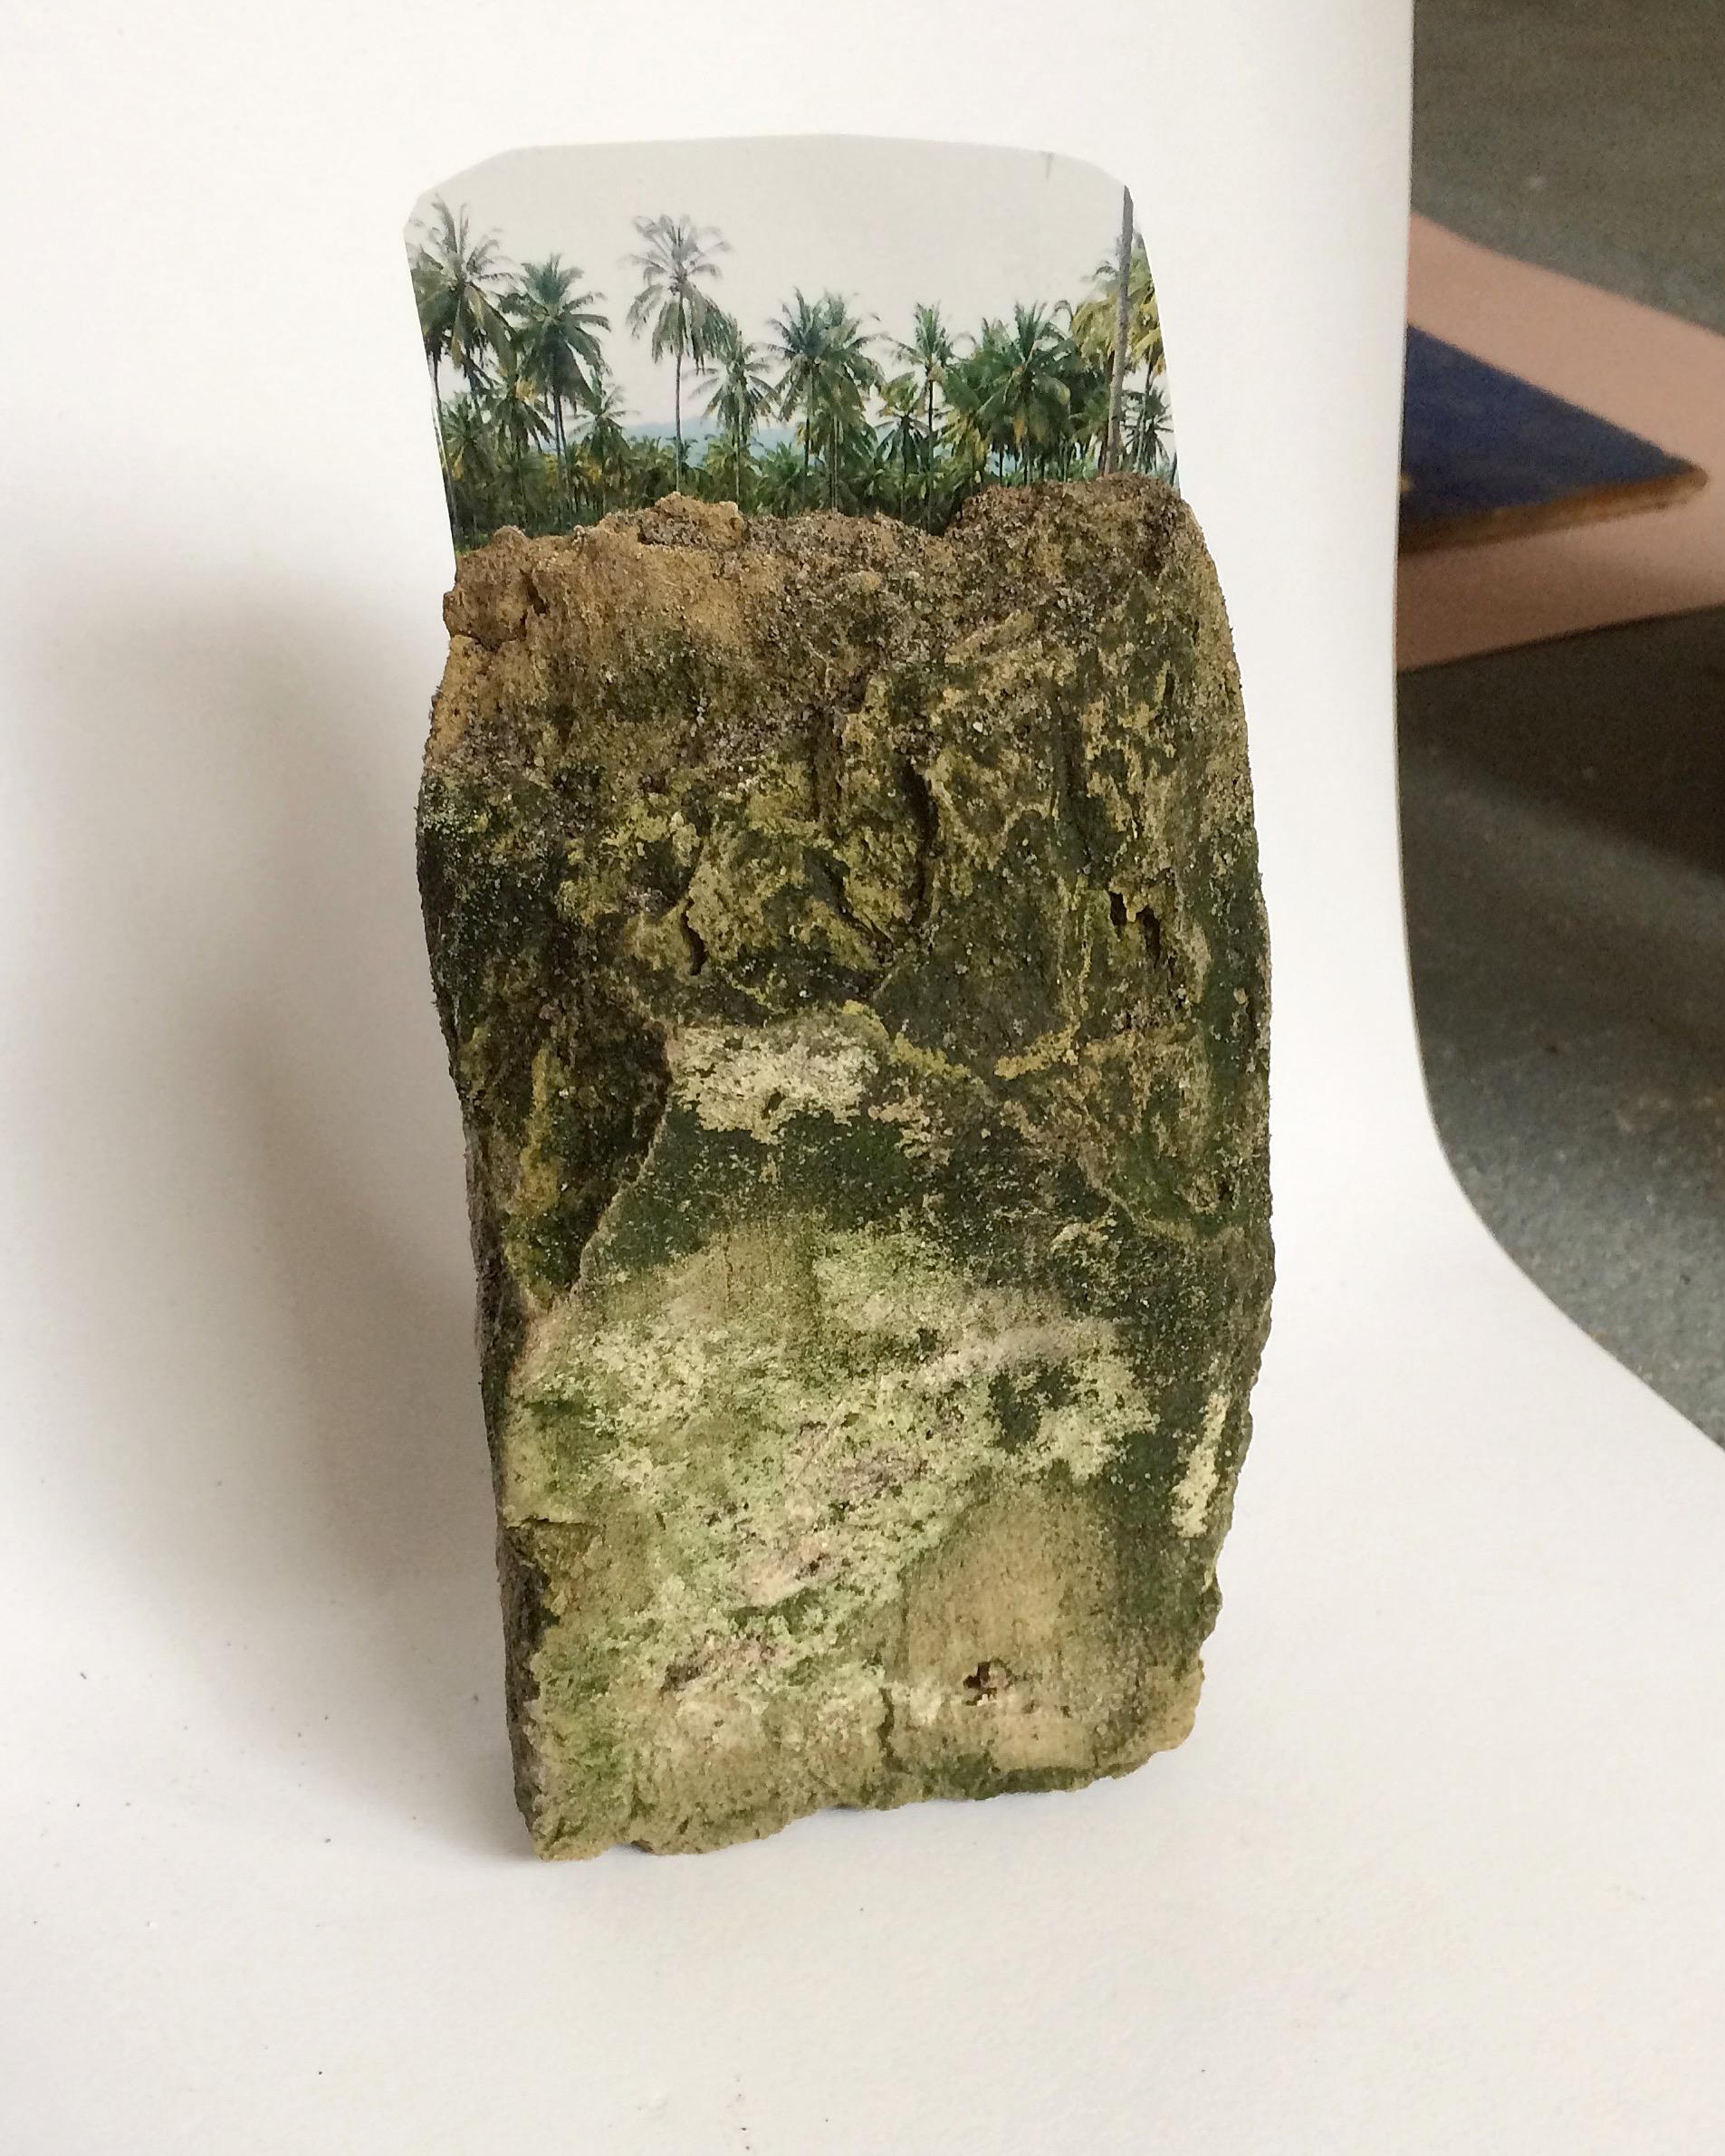 Nog steeds geen titel, sculptuur 2019, steen, foto.png